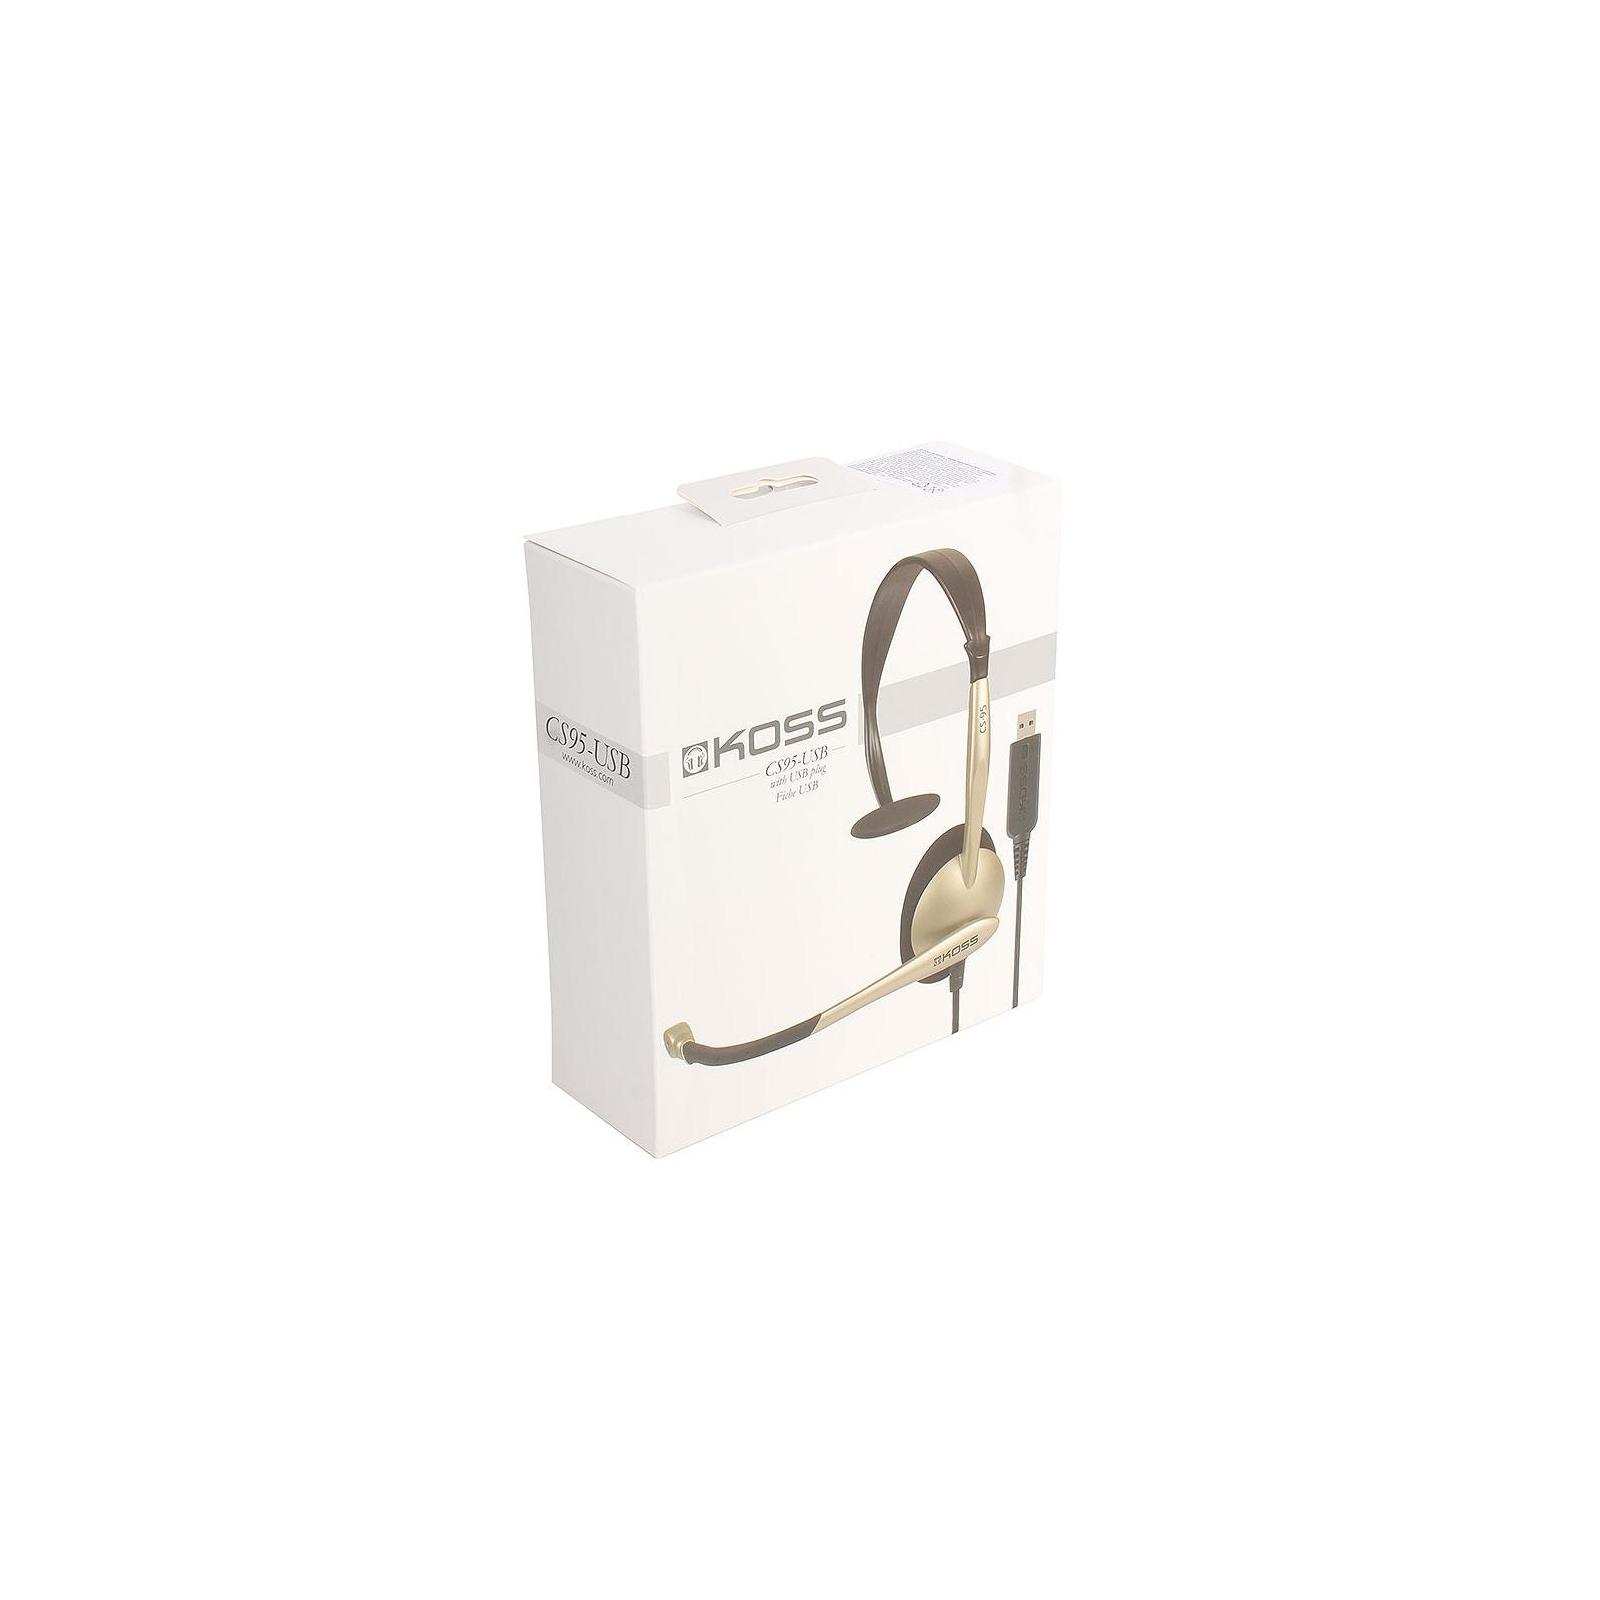 Наушники Koss CS95 USB Mono (CS95 USB) изображение 6